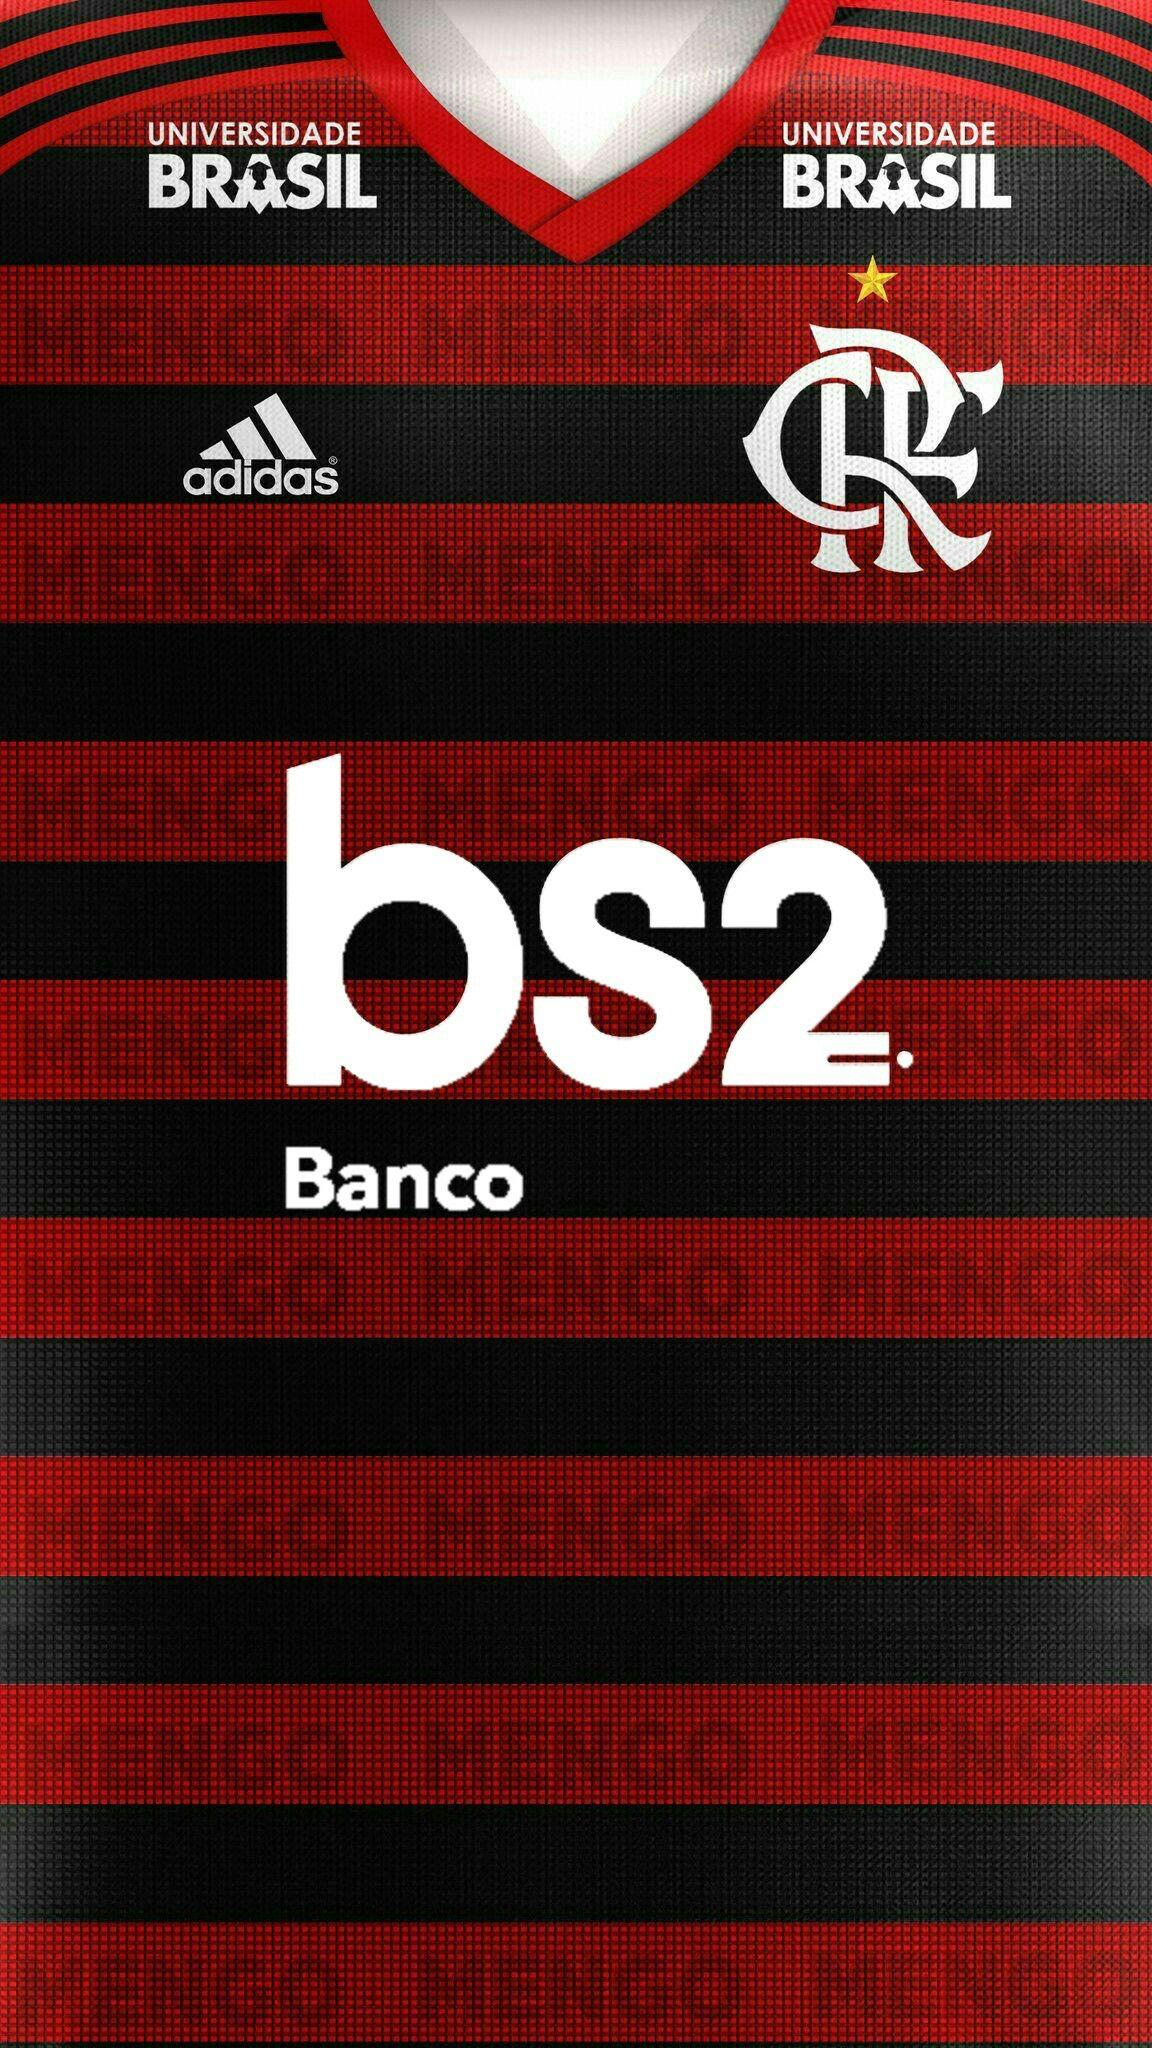 Flamengo Wallpaper Papel De Parede Camisa Do Flamengo Flamengo Papel De Parede Tudo Sobre O Flamengo